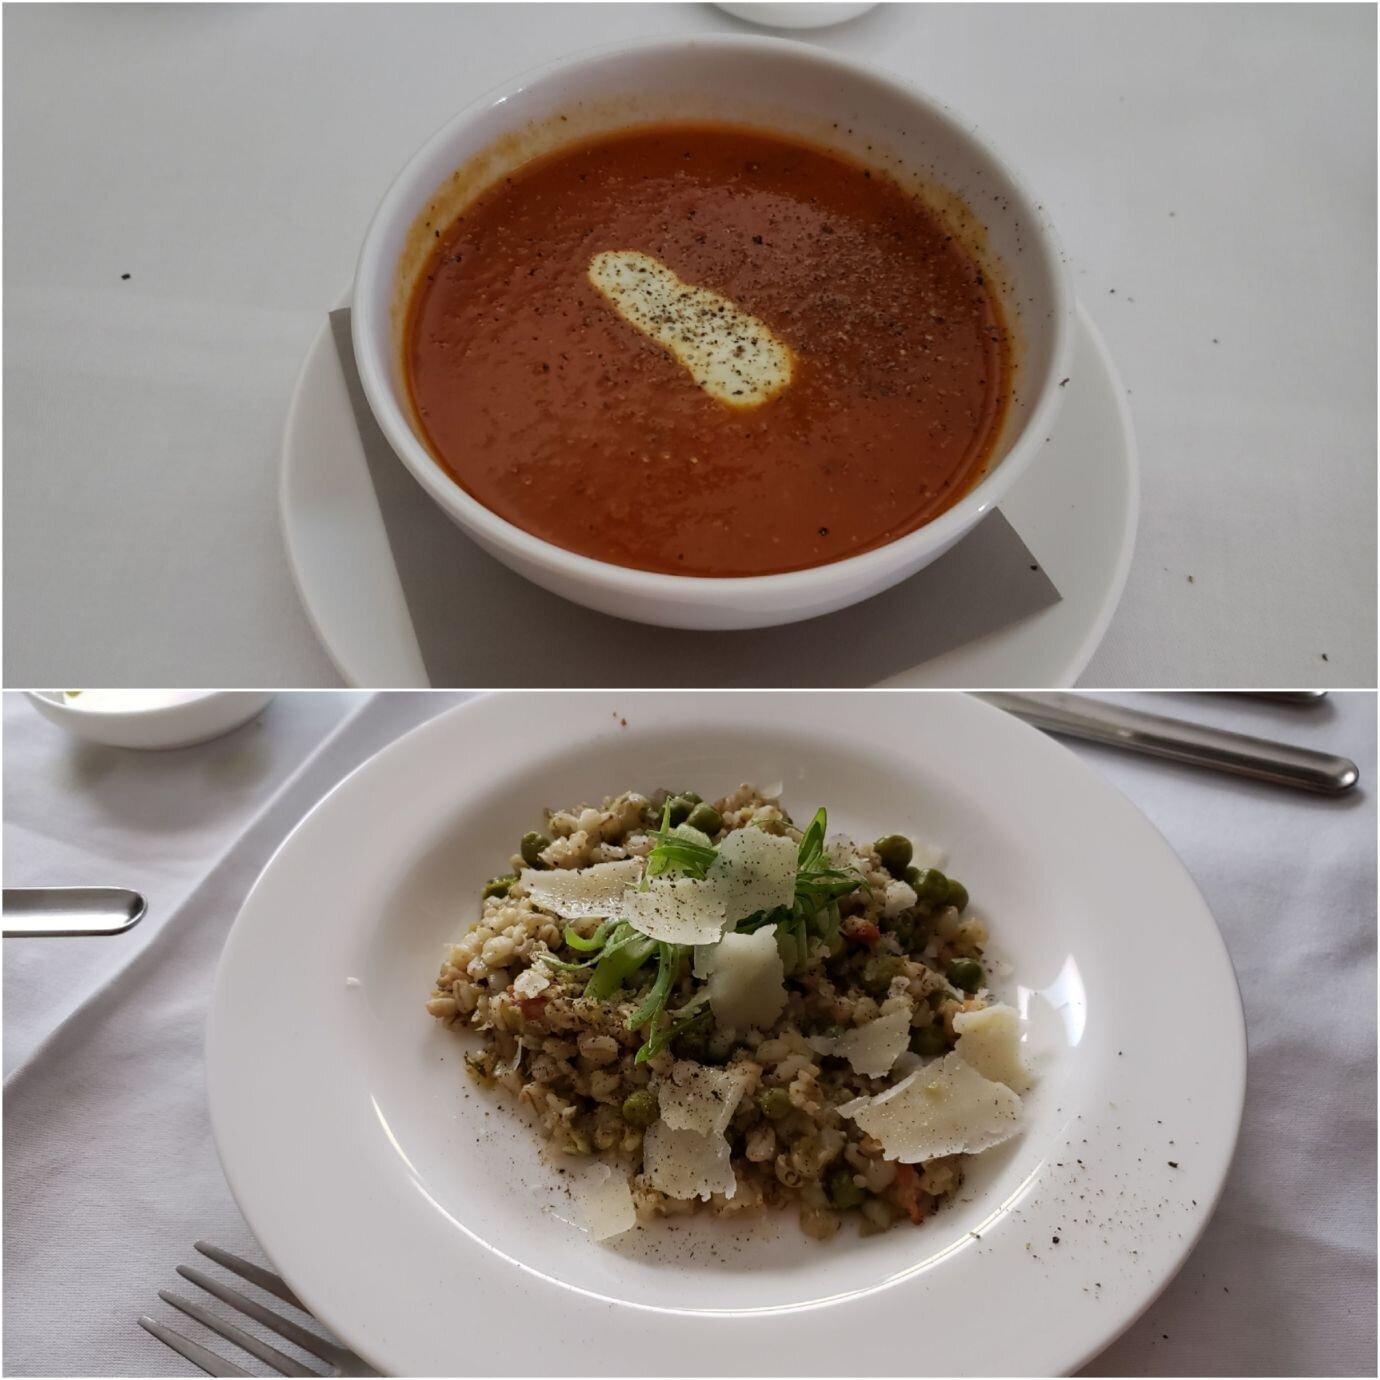 再來是我點的濃湯(上圖),老婆點的是義大利式燉飯 (Risotto)(下圖)